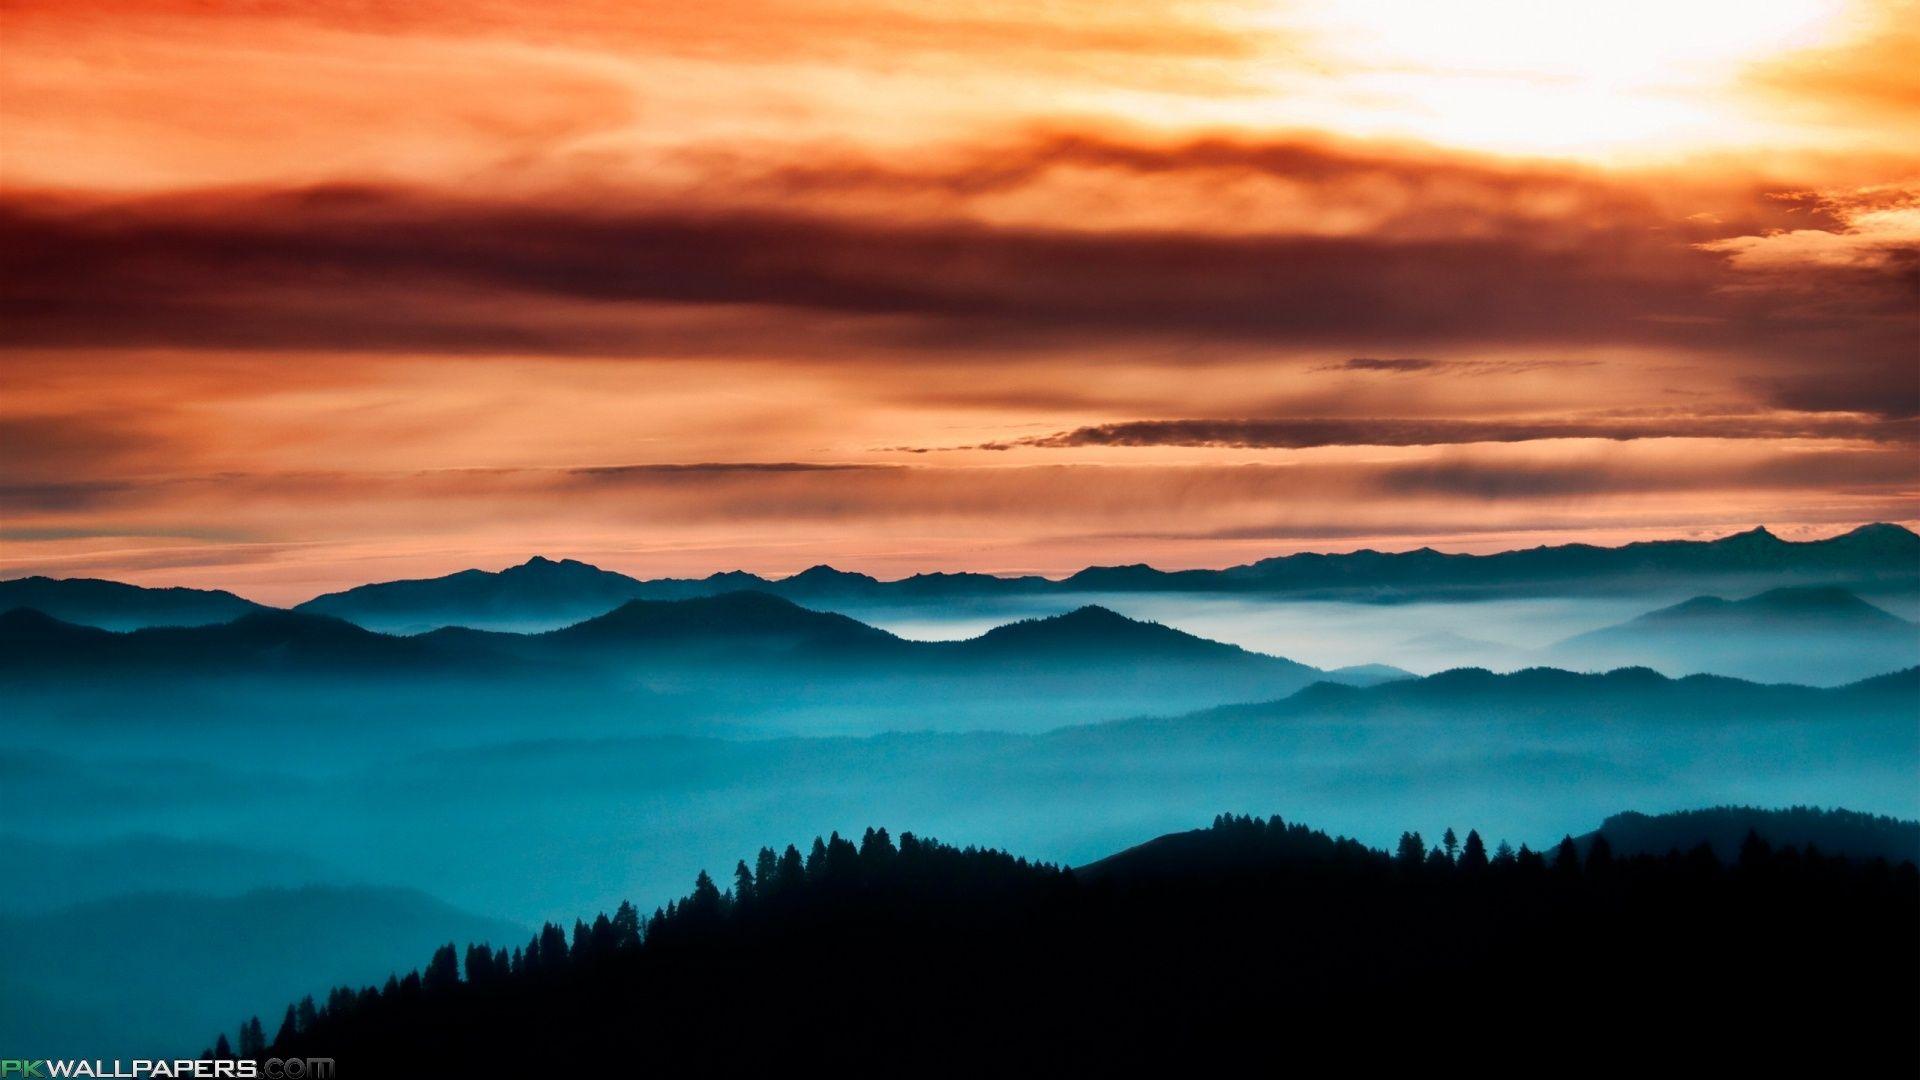 Pacific Northwest Desktop Wallpaper